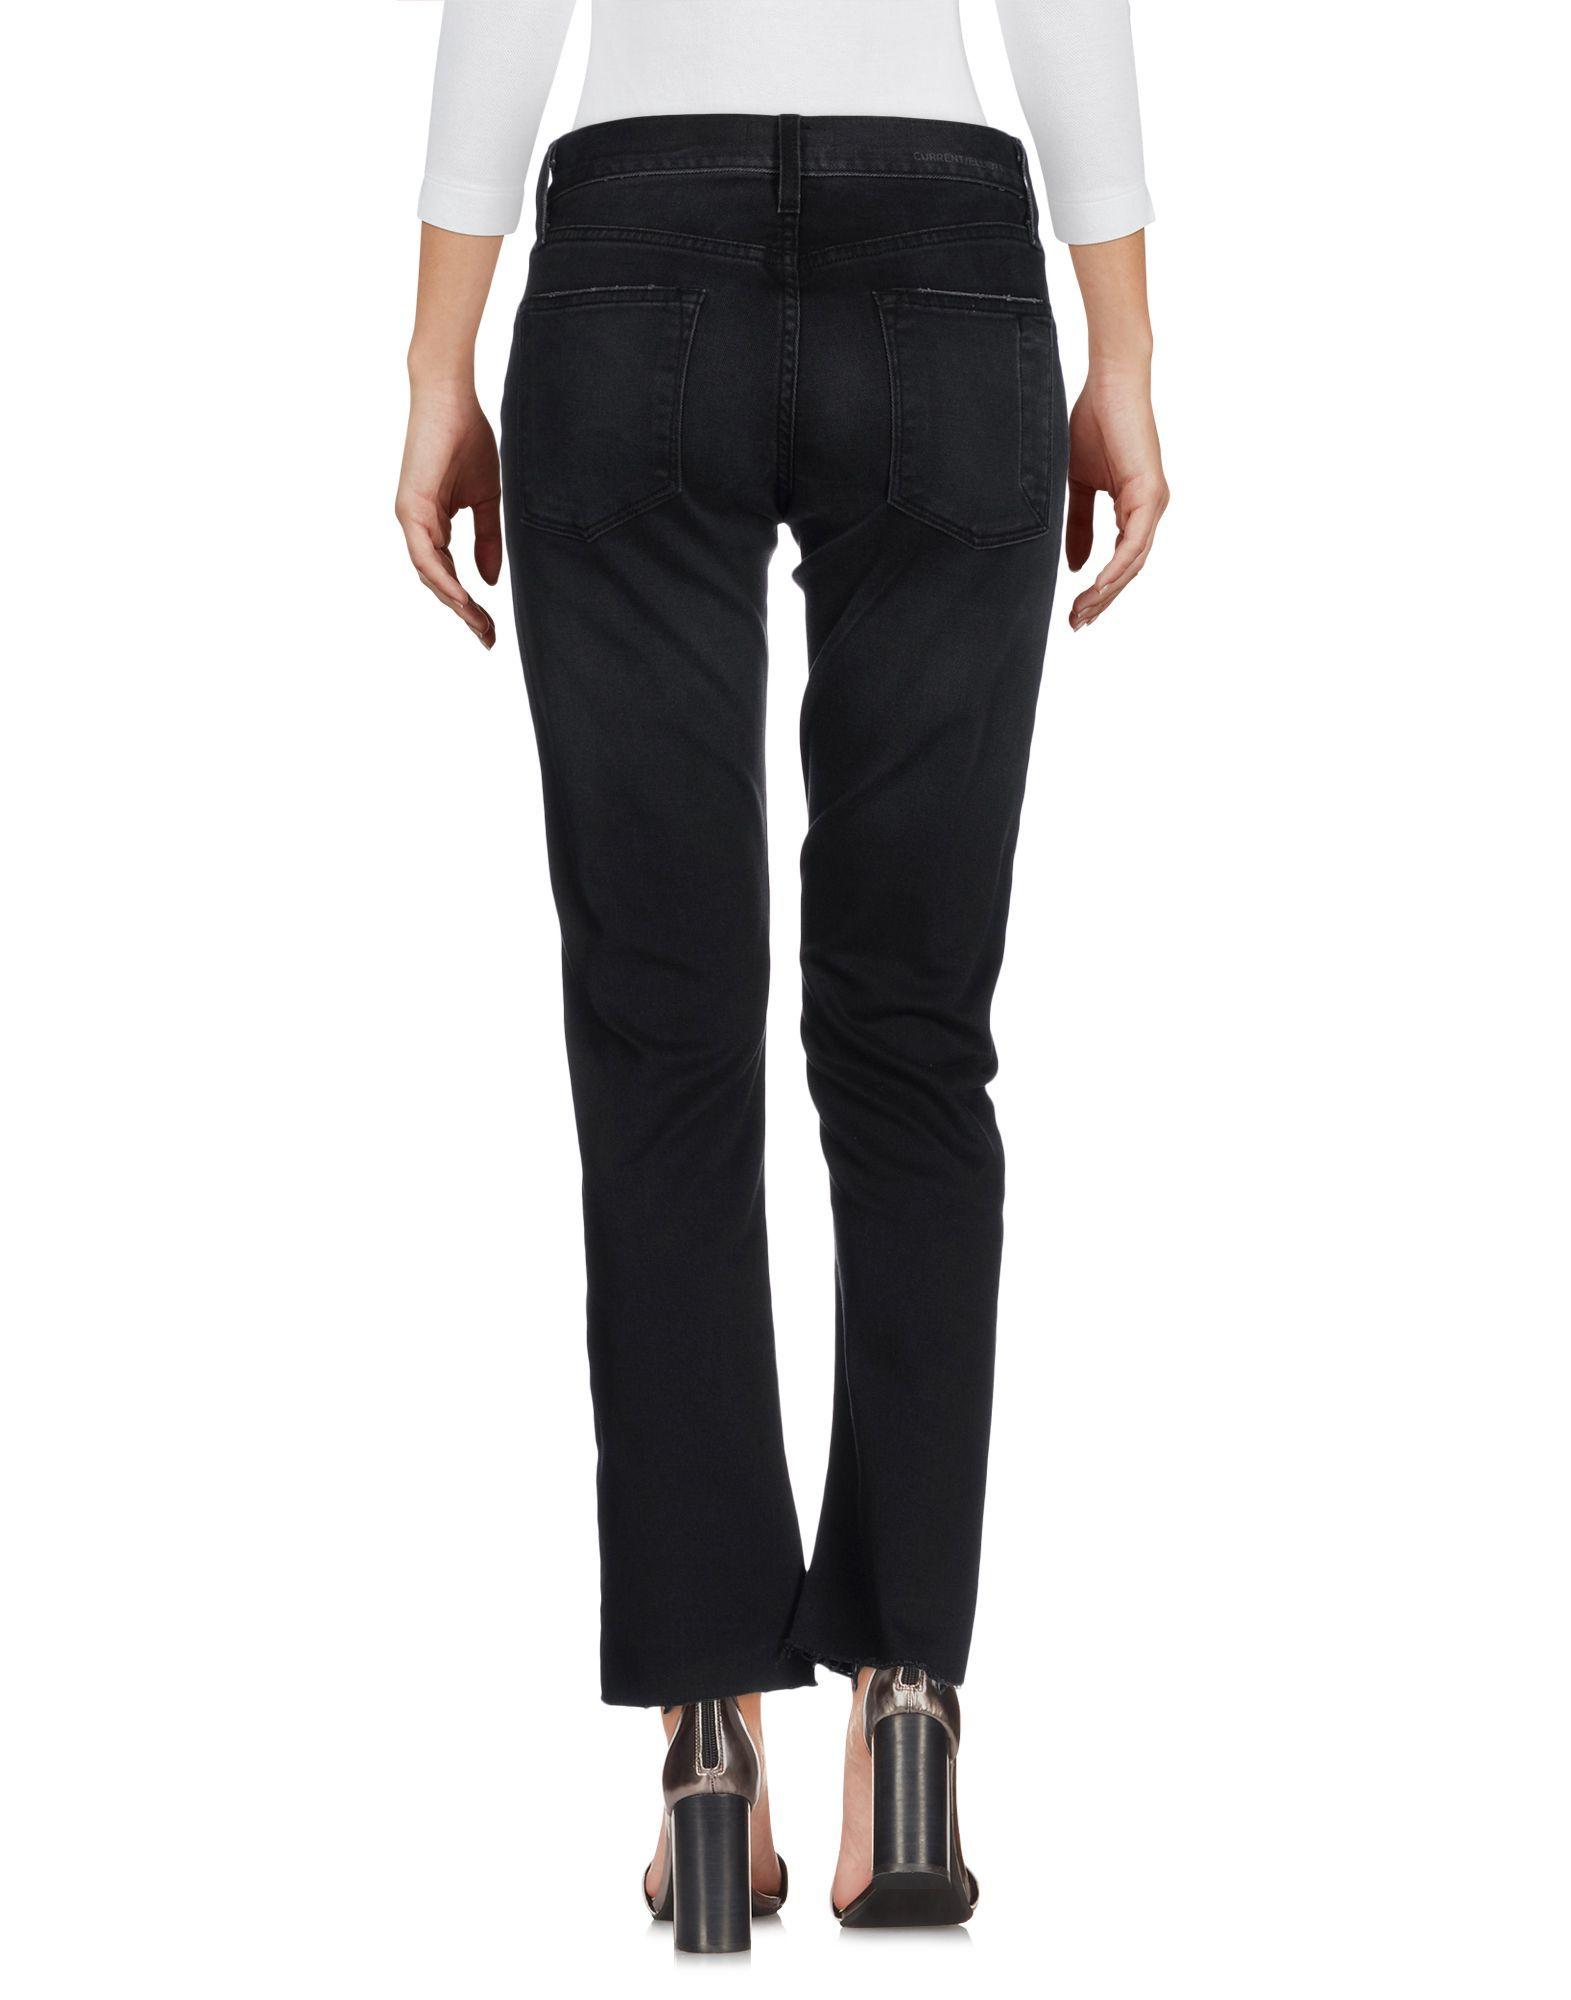 Current/Elliott Black Cotton Jeans